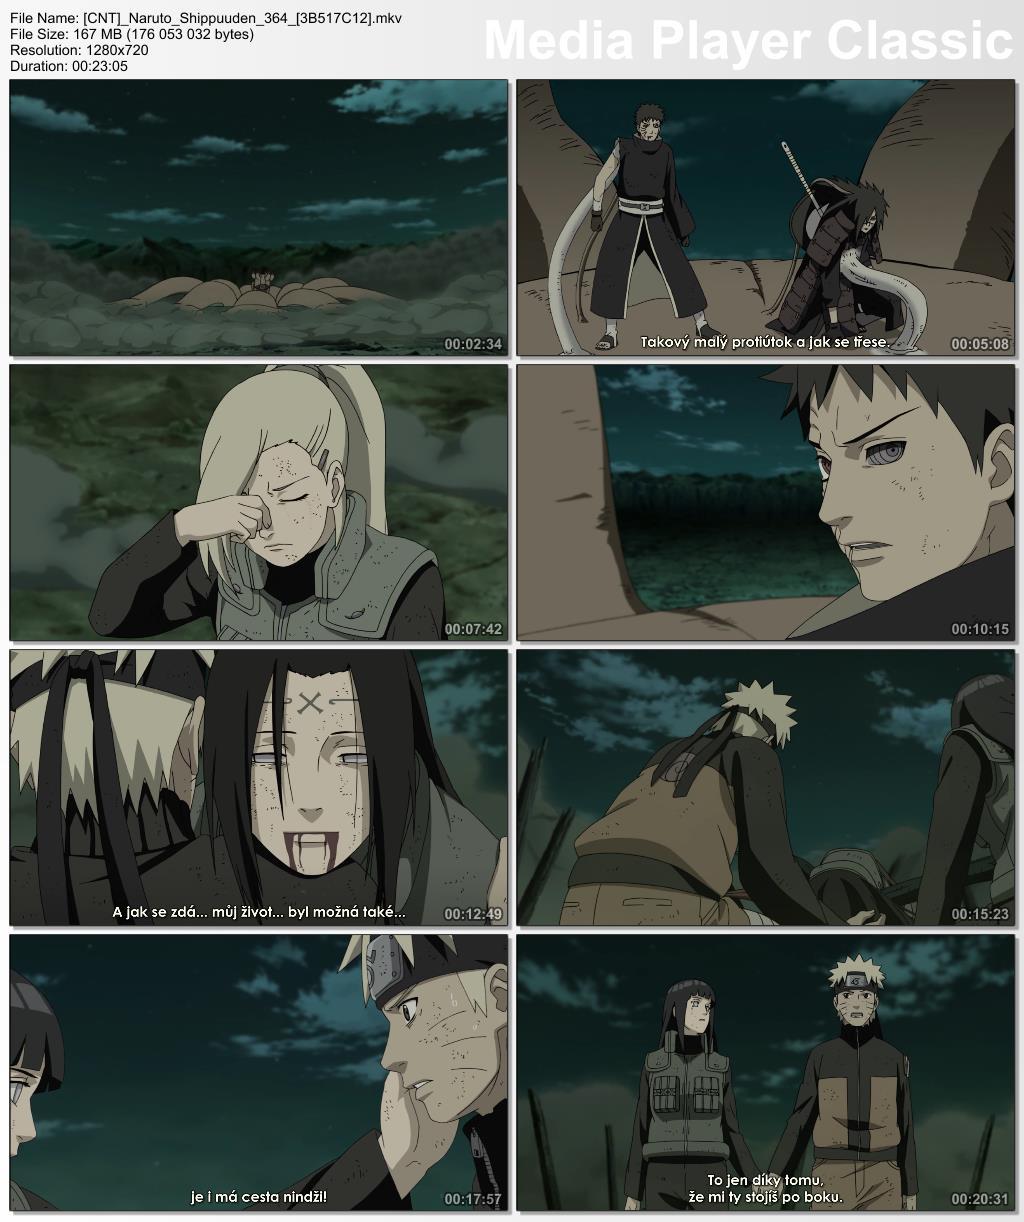 🌱 Naruto shippuden 364 torrent | Naruto Shippuden Episódio